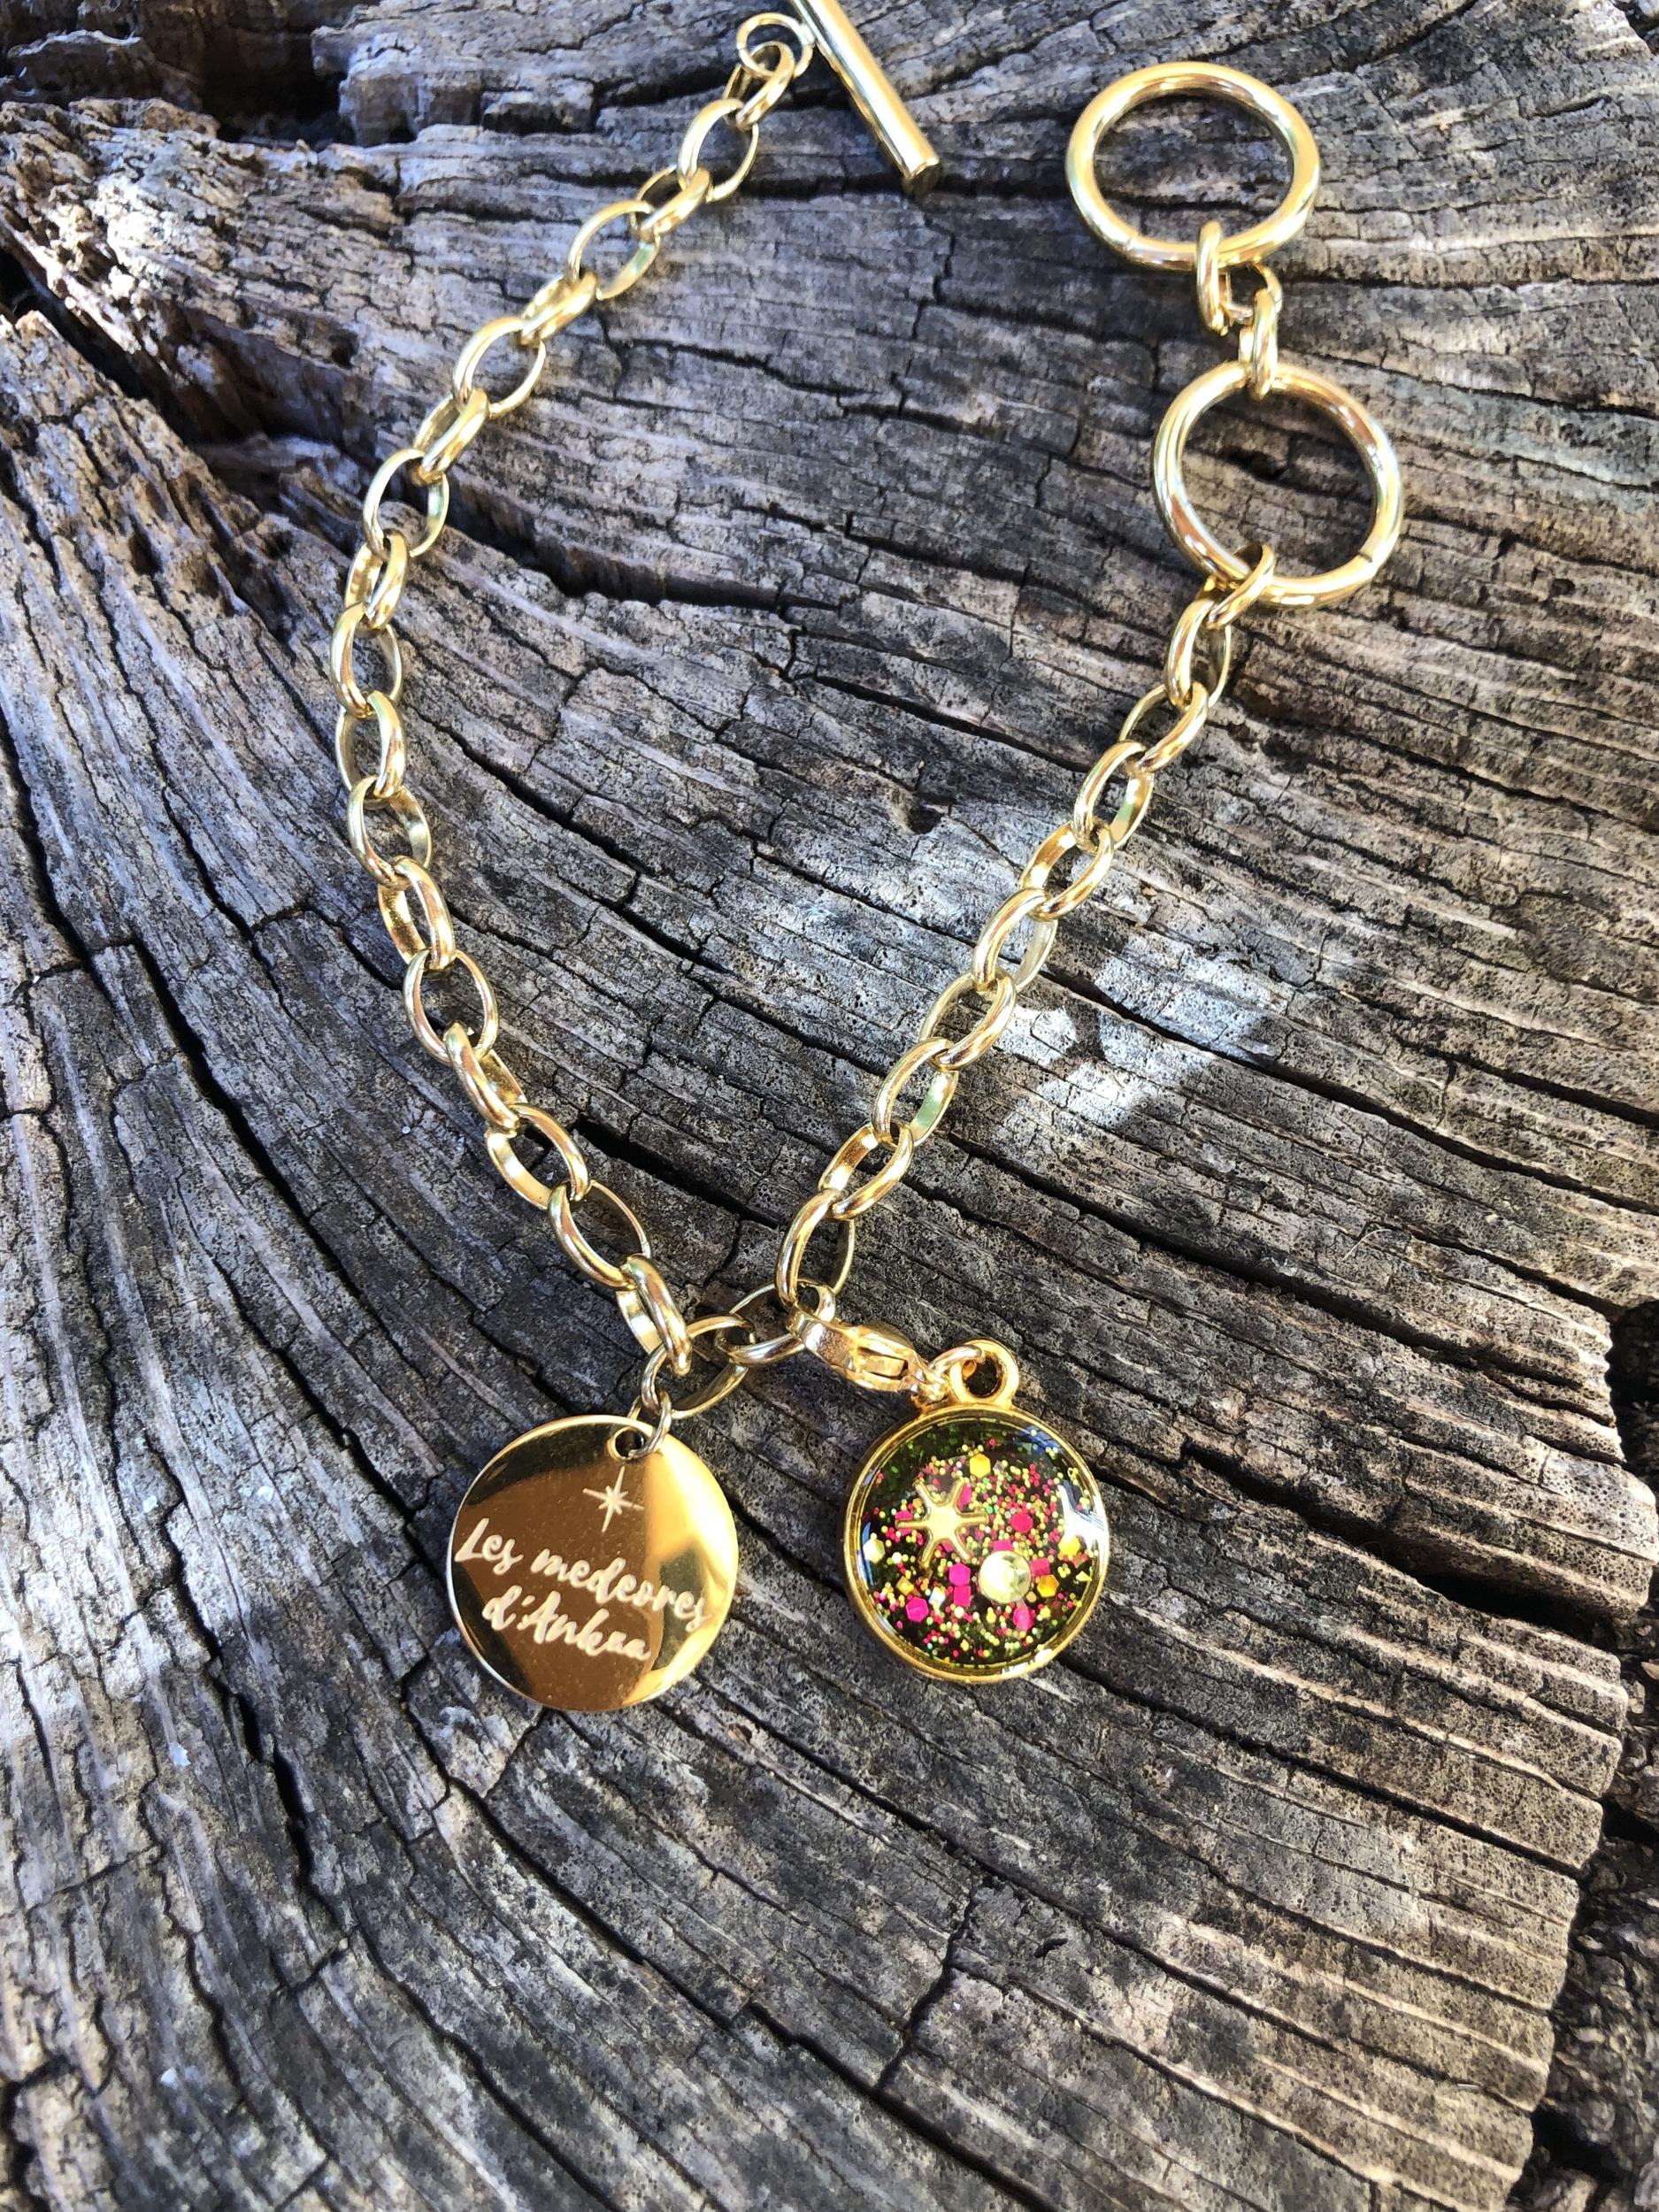 Bracelet Artemis soin reharmonisation generale des 7 chakras ( charms en vente en option)